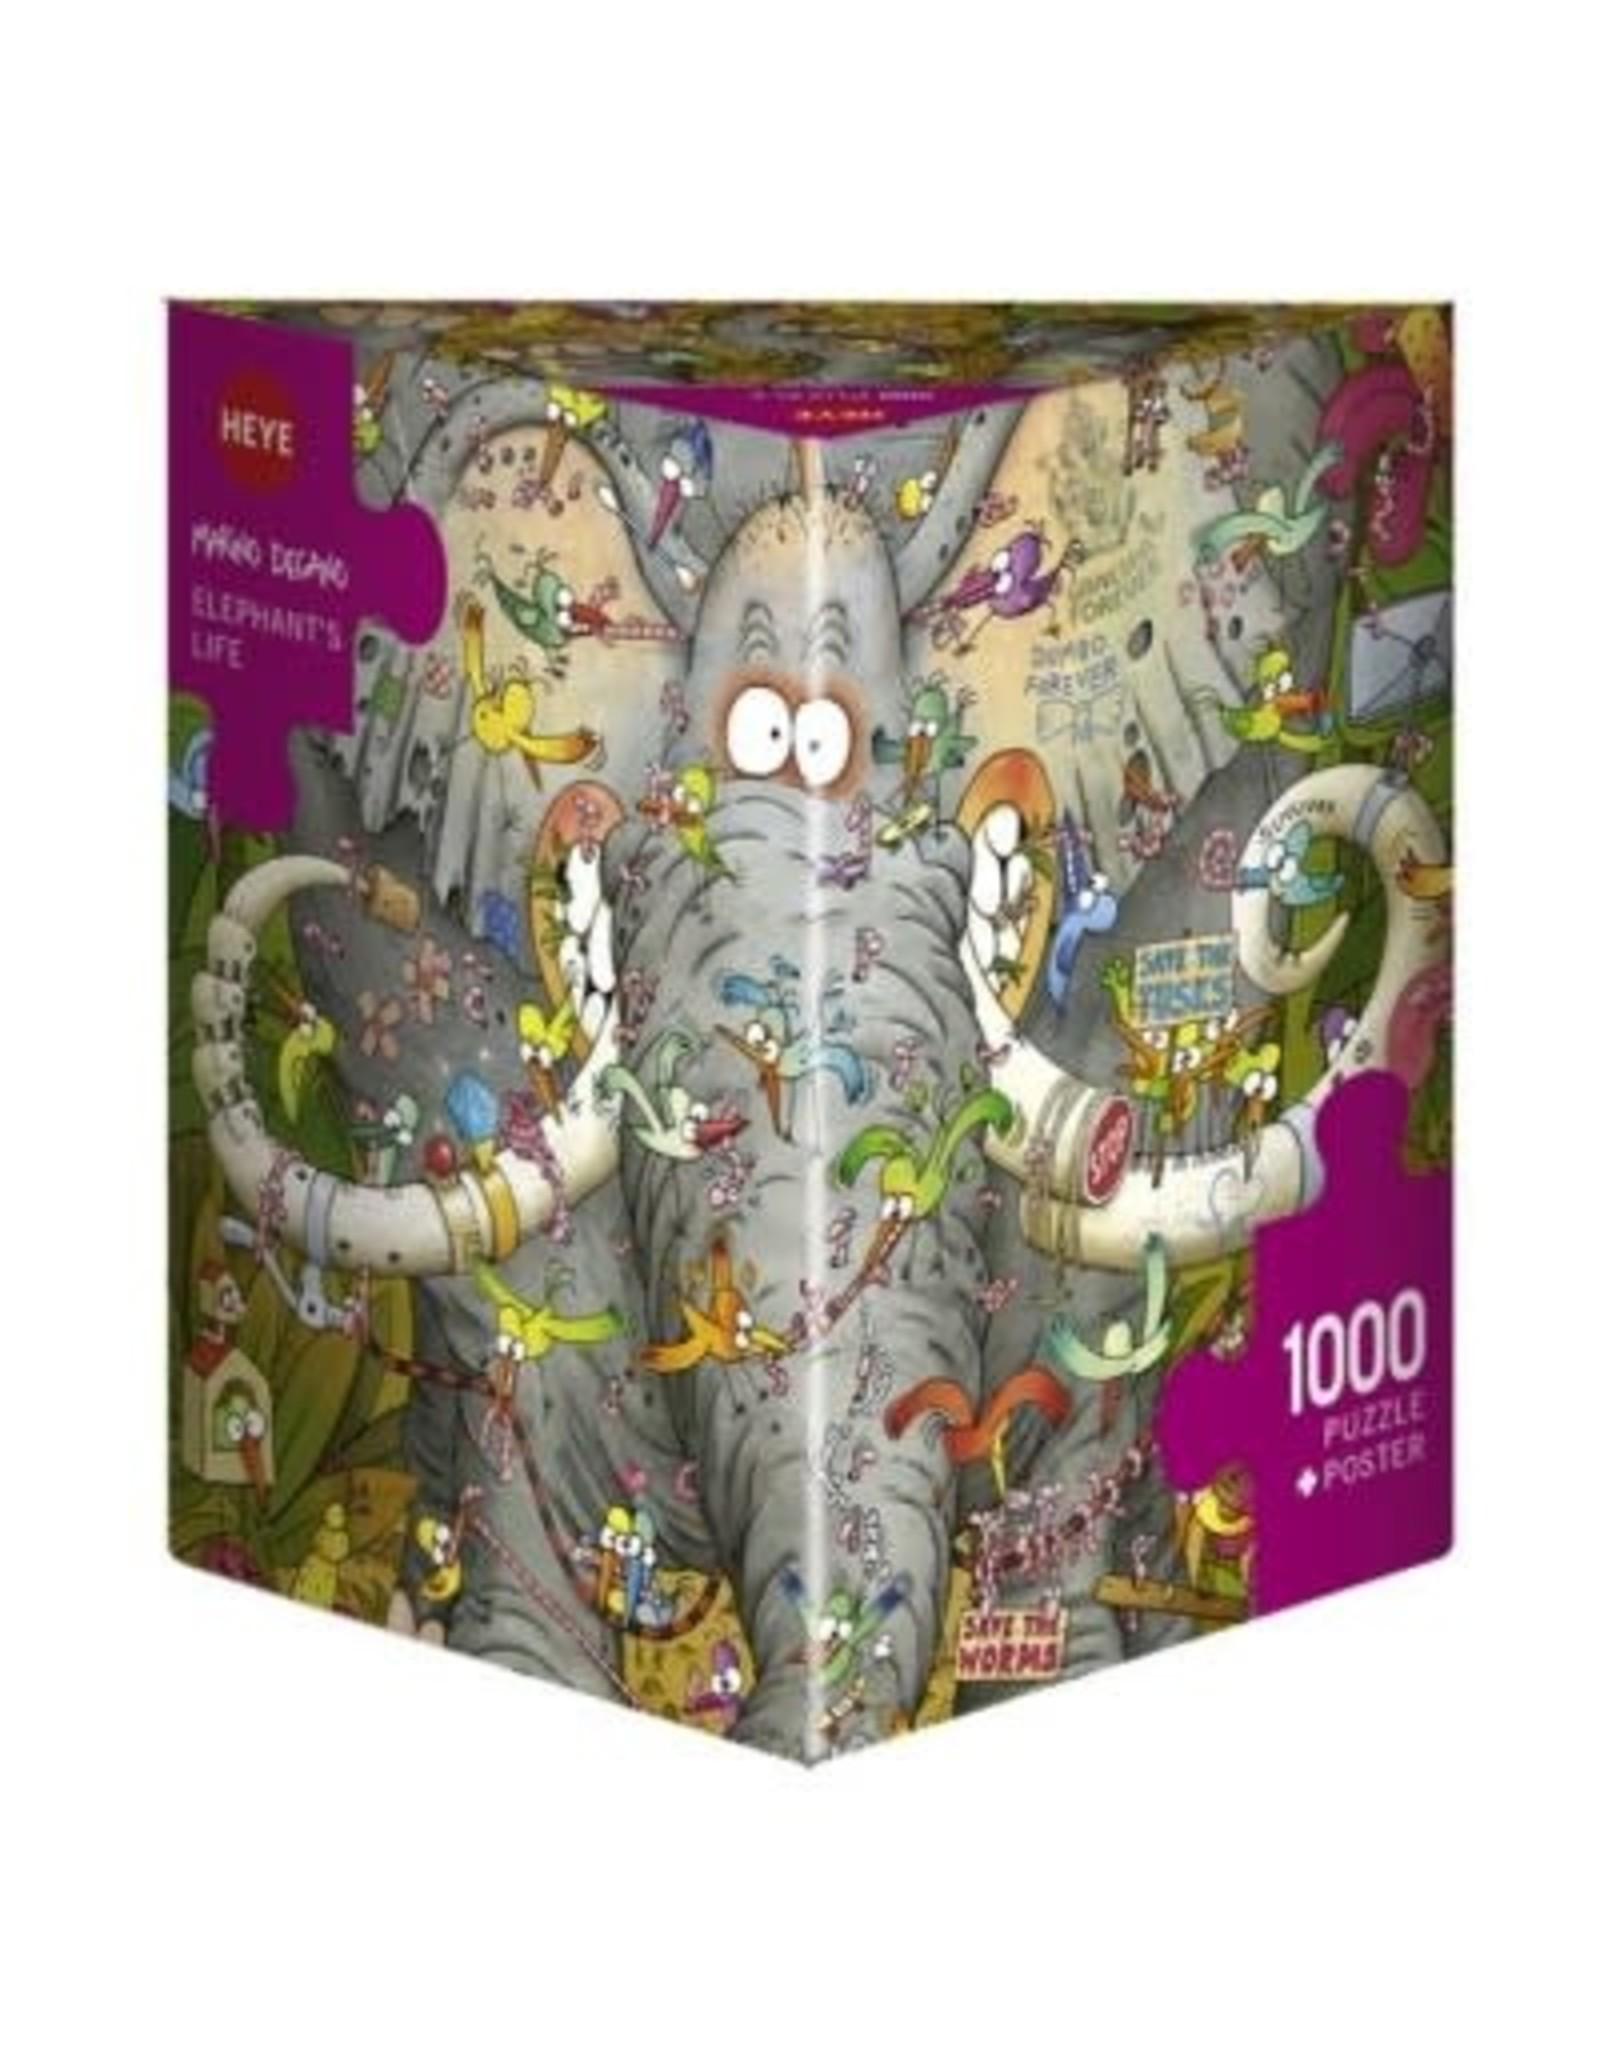 Elephant's Life, Degano 1000mcx